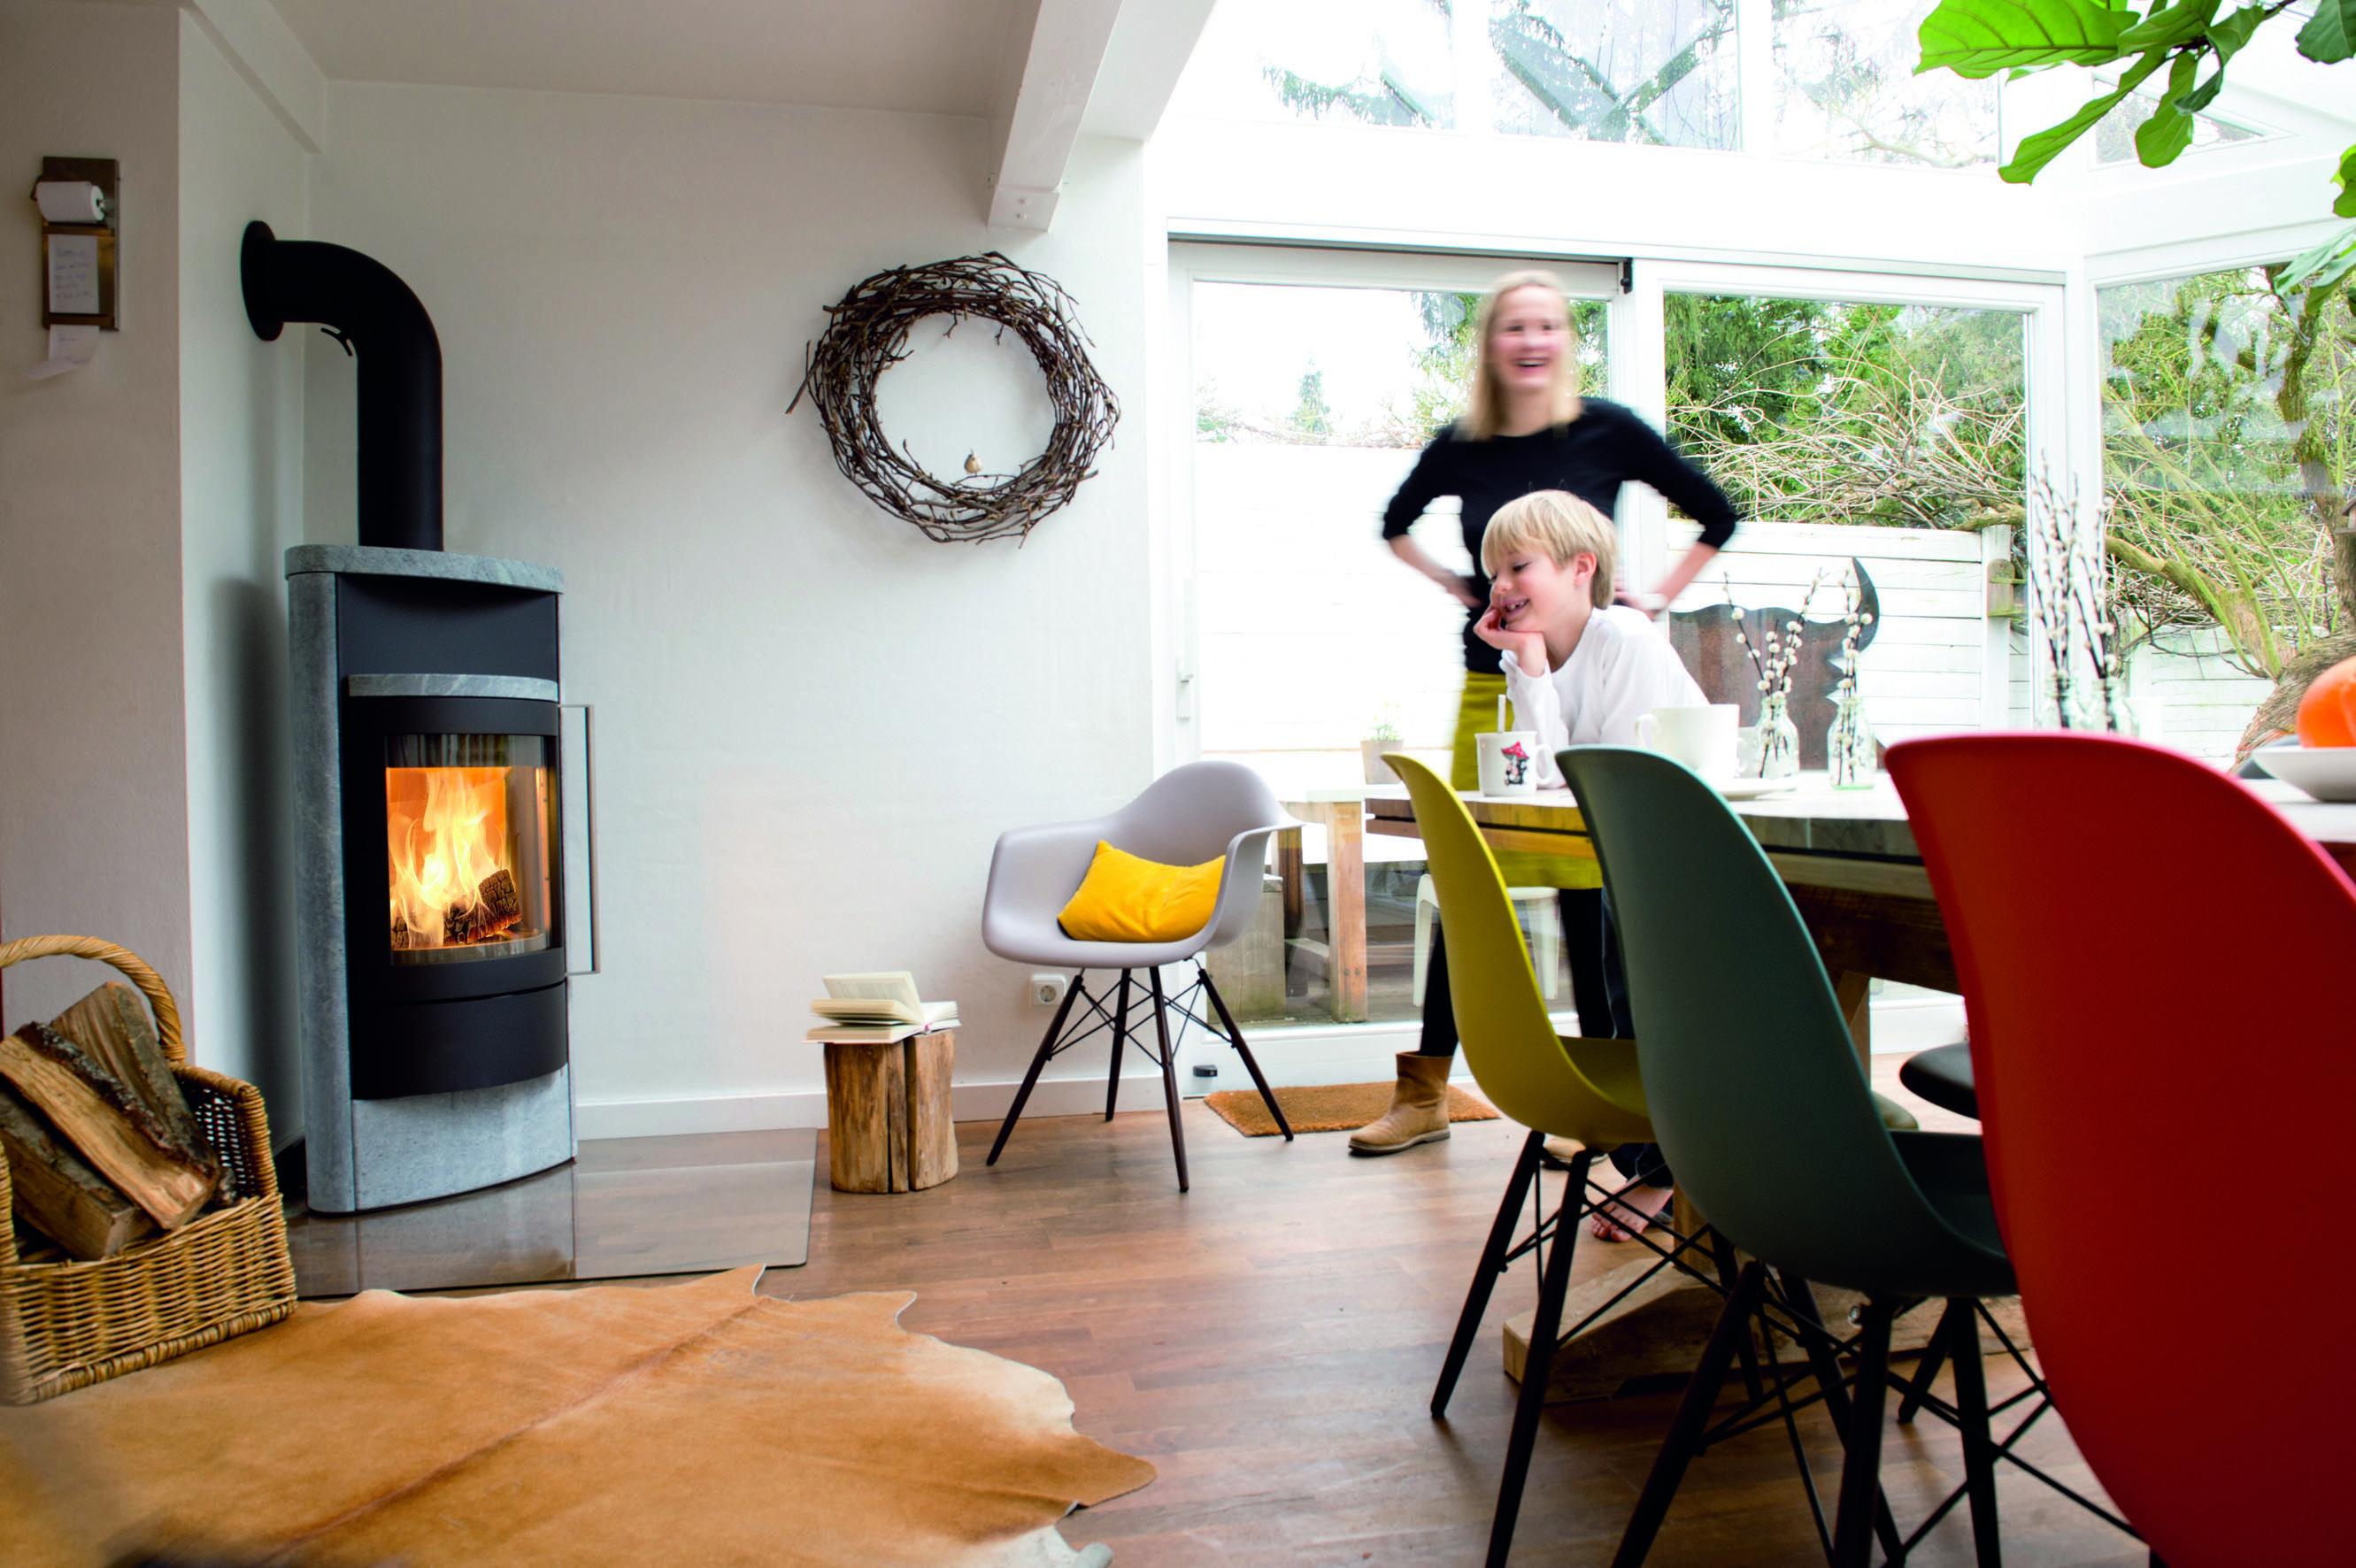 Hase Kaminofen Luno ein kaminofen ist modern und macht ein zuhause gemütlich neben dem